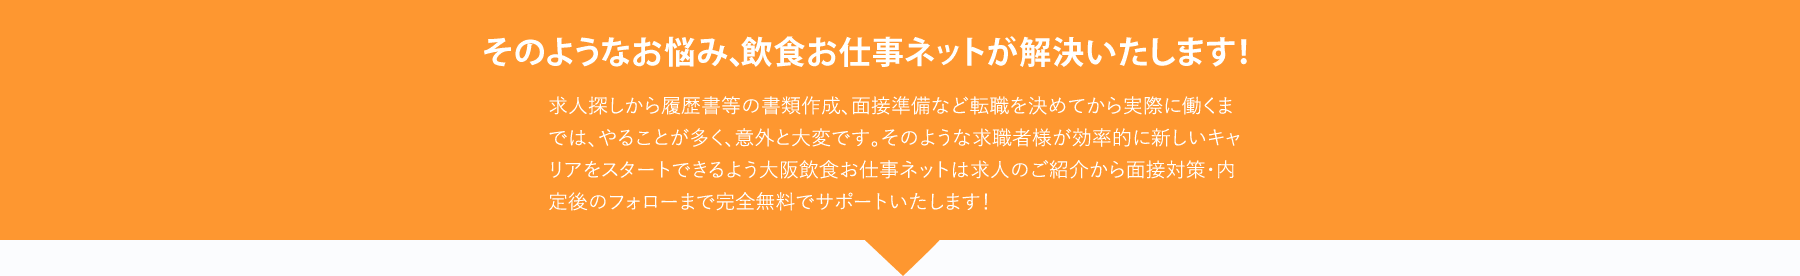 そのようなお悩み、大阪飲食お仕事ネットが解決いたします!